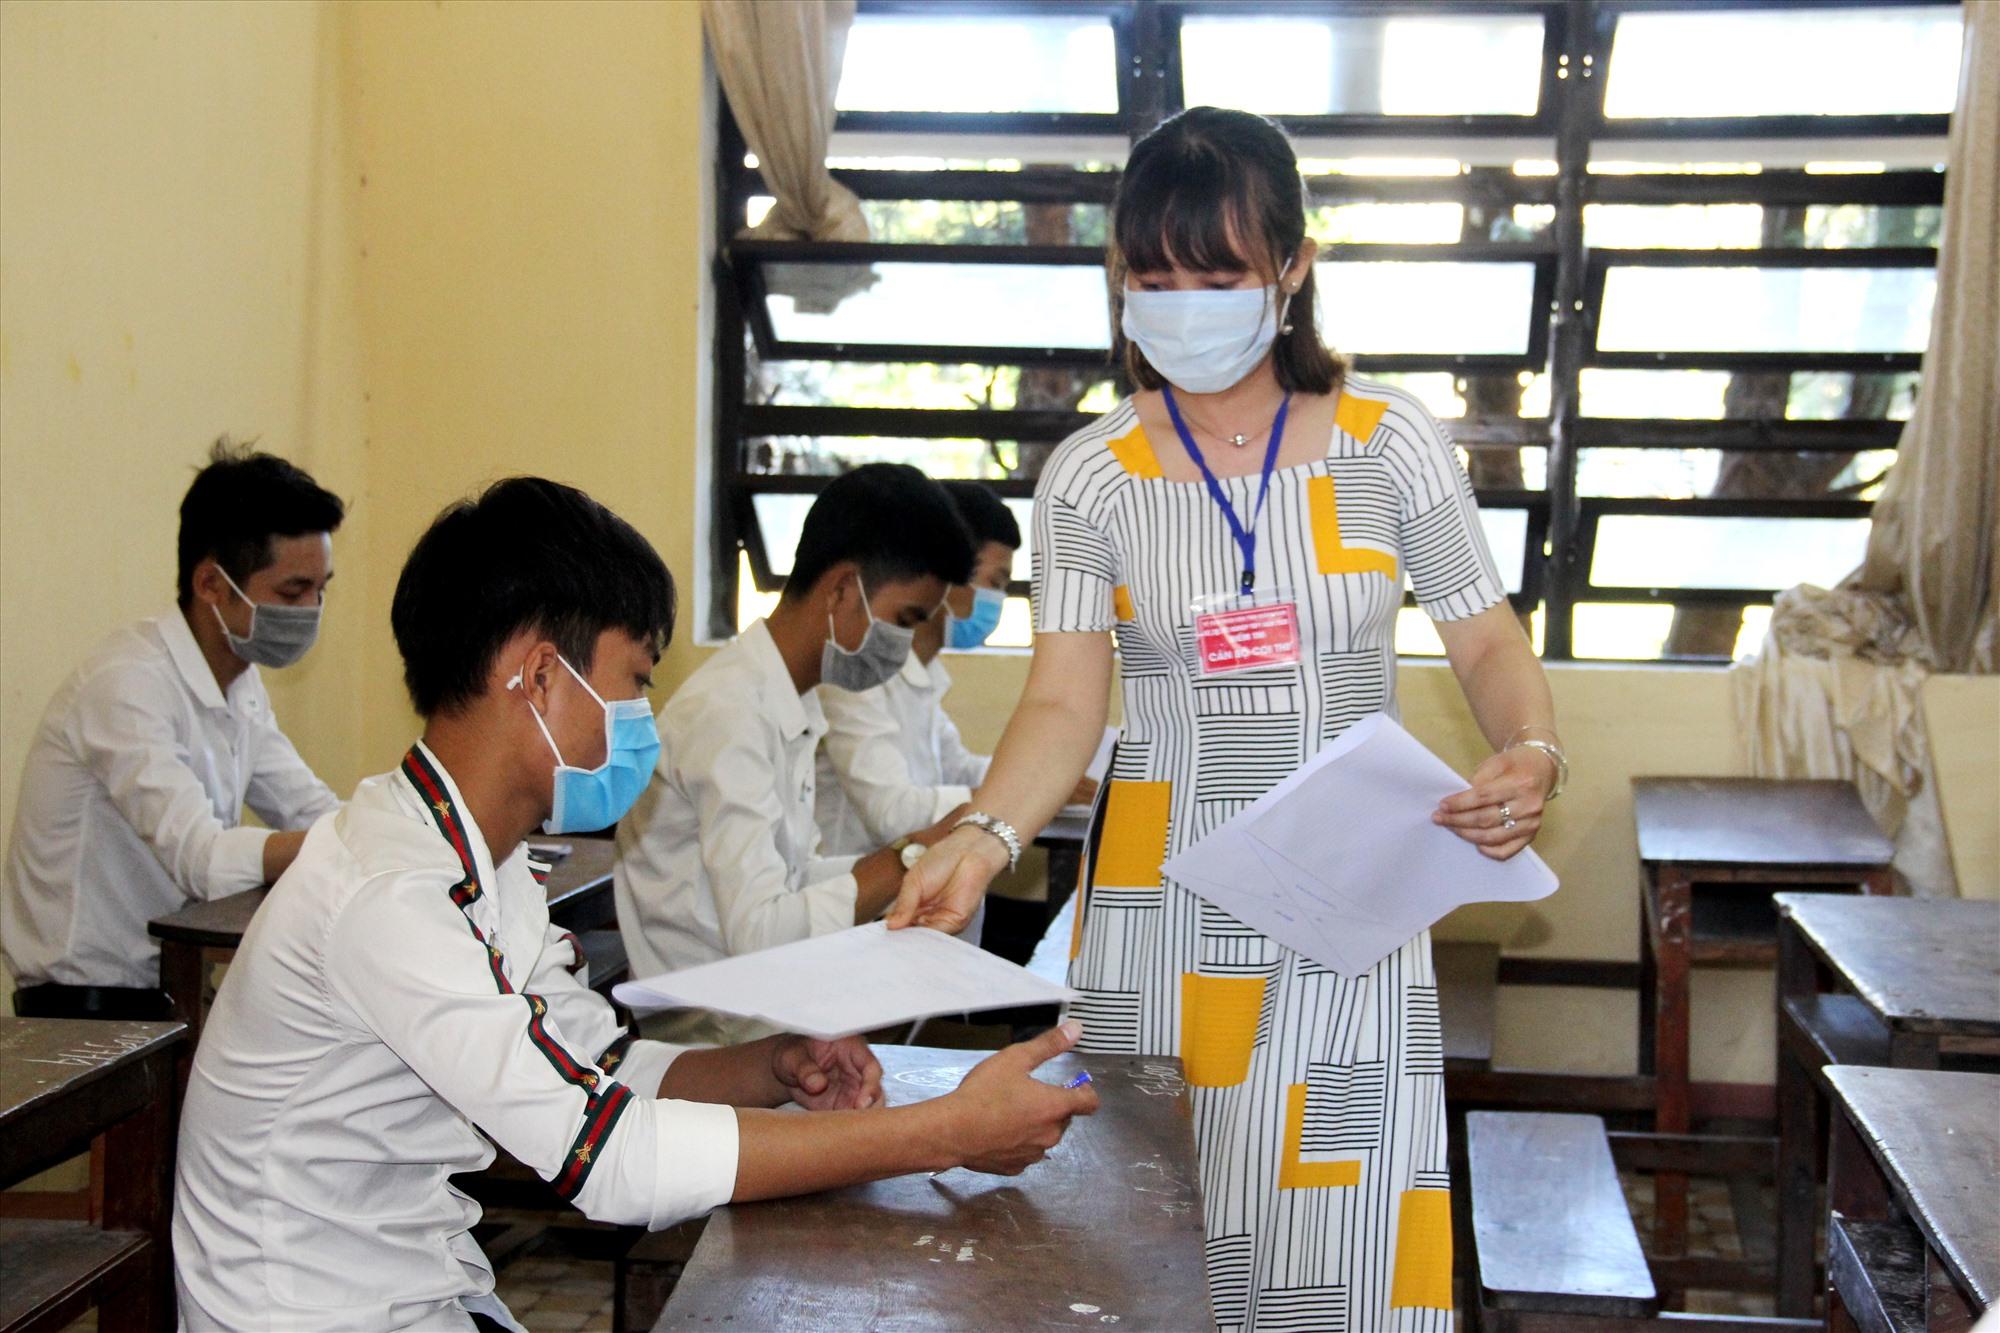 Cả thí sinh và cán bộ coi thi đều chấp hành việc đeo khẩu trang suốt thời gian thi để đảm bảo an toàn sức khỏe trong mùa dịch bệnh. Ảnh: A.N